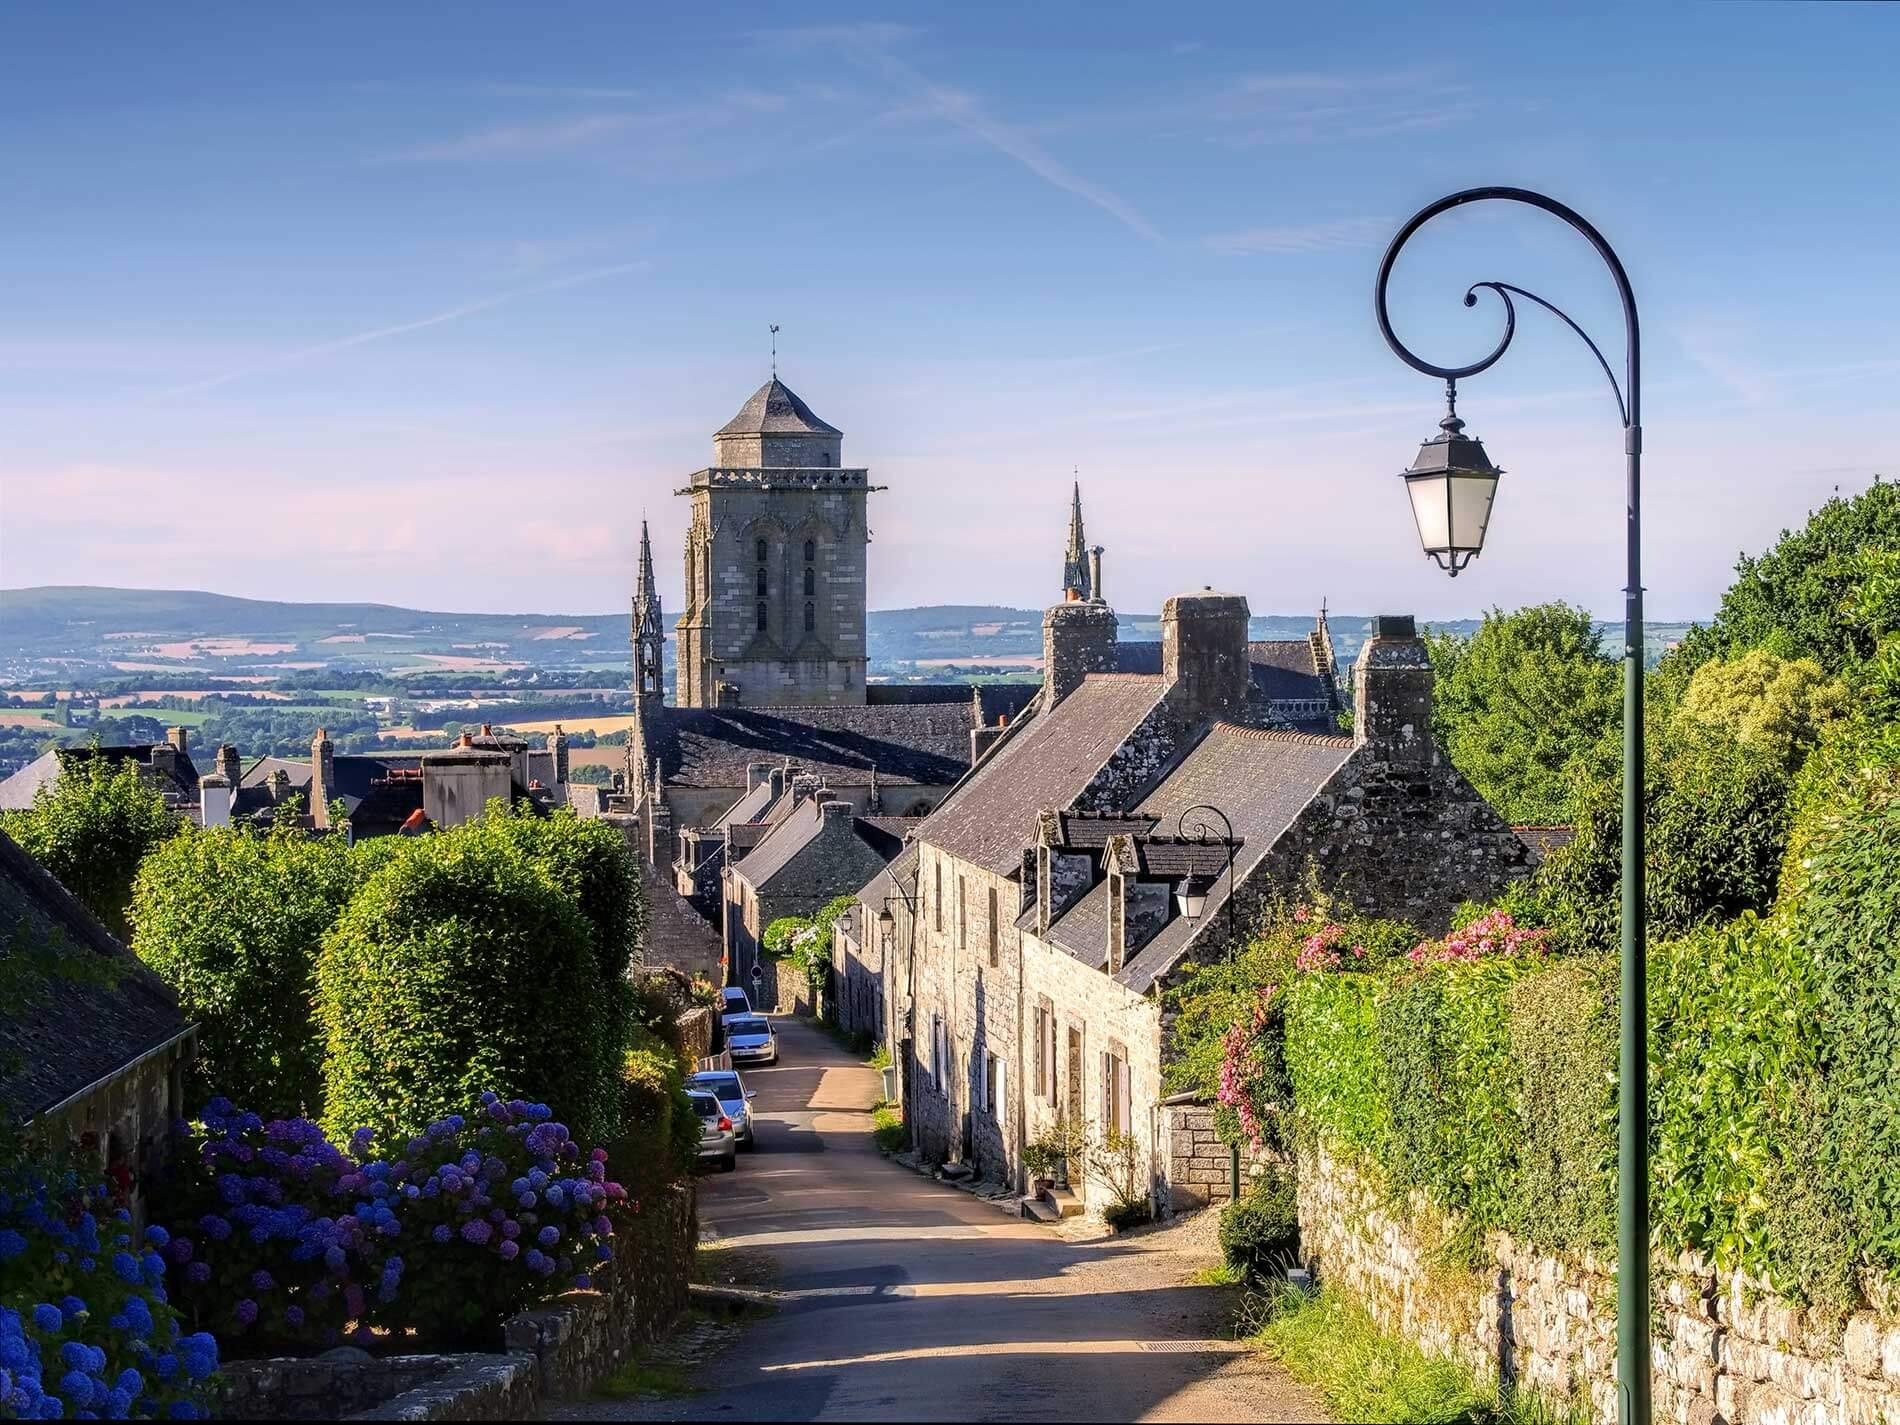 Locronan cité médiévale en Finistère